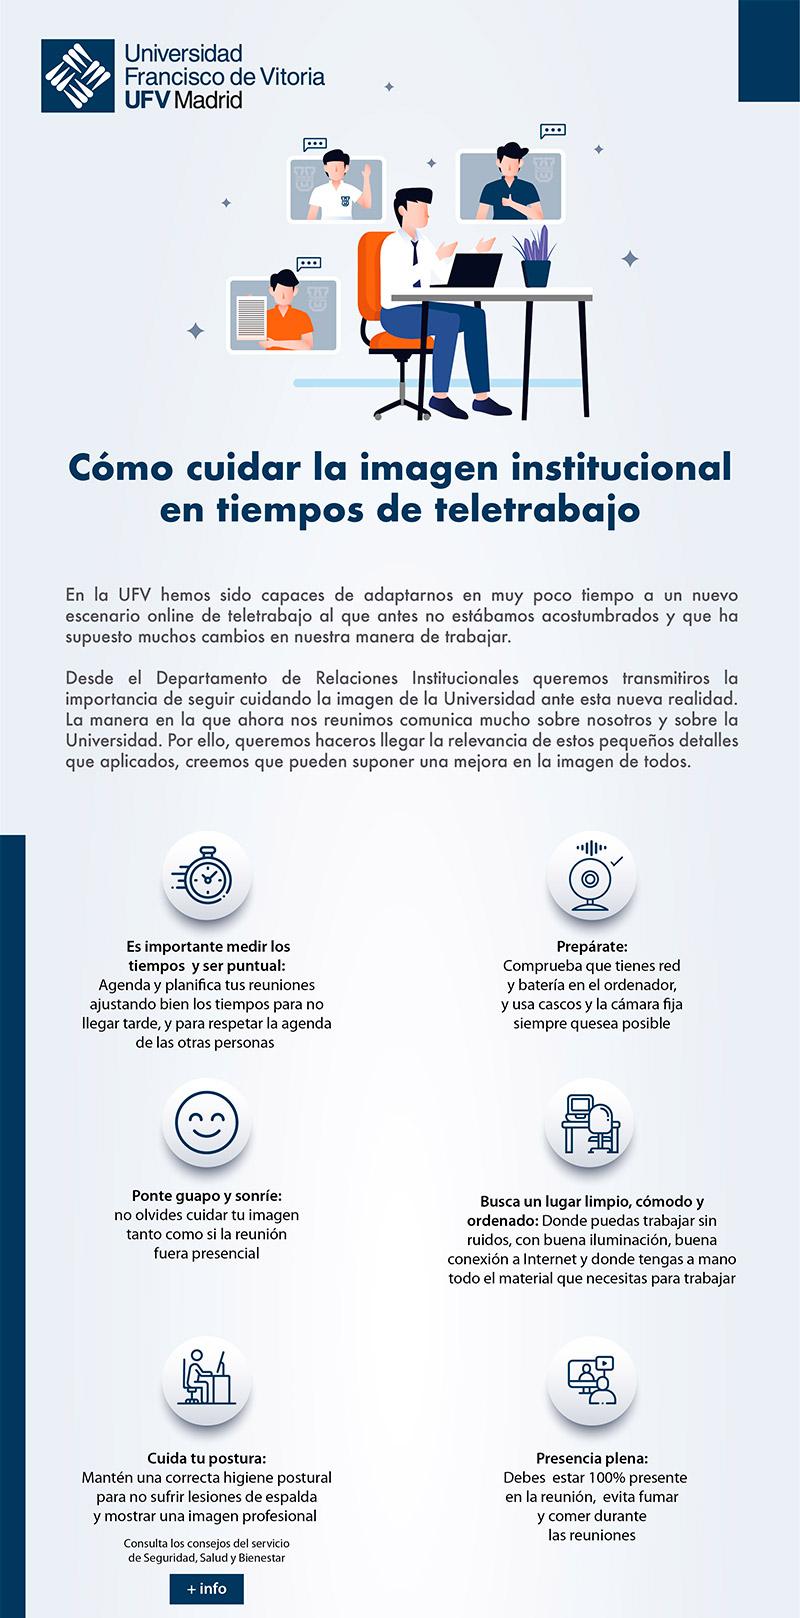 cabecera videollamada 1 Cómo cuidar la imagen institucional durante el teletrabajo Estudiar en Universidad Privada Madrid